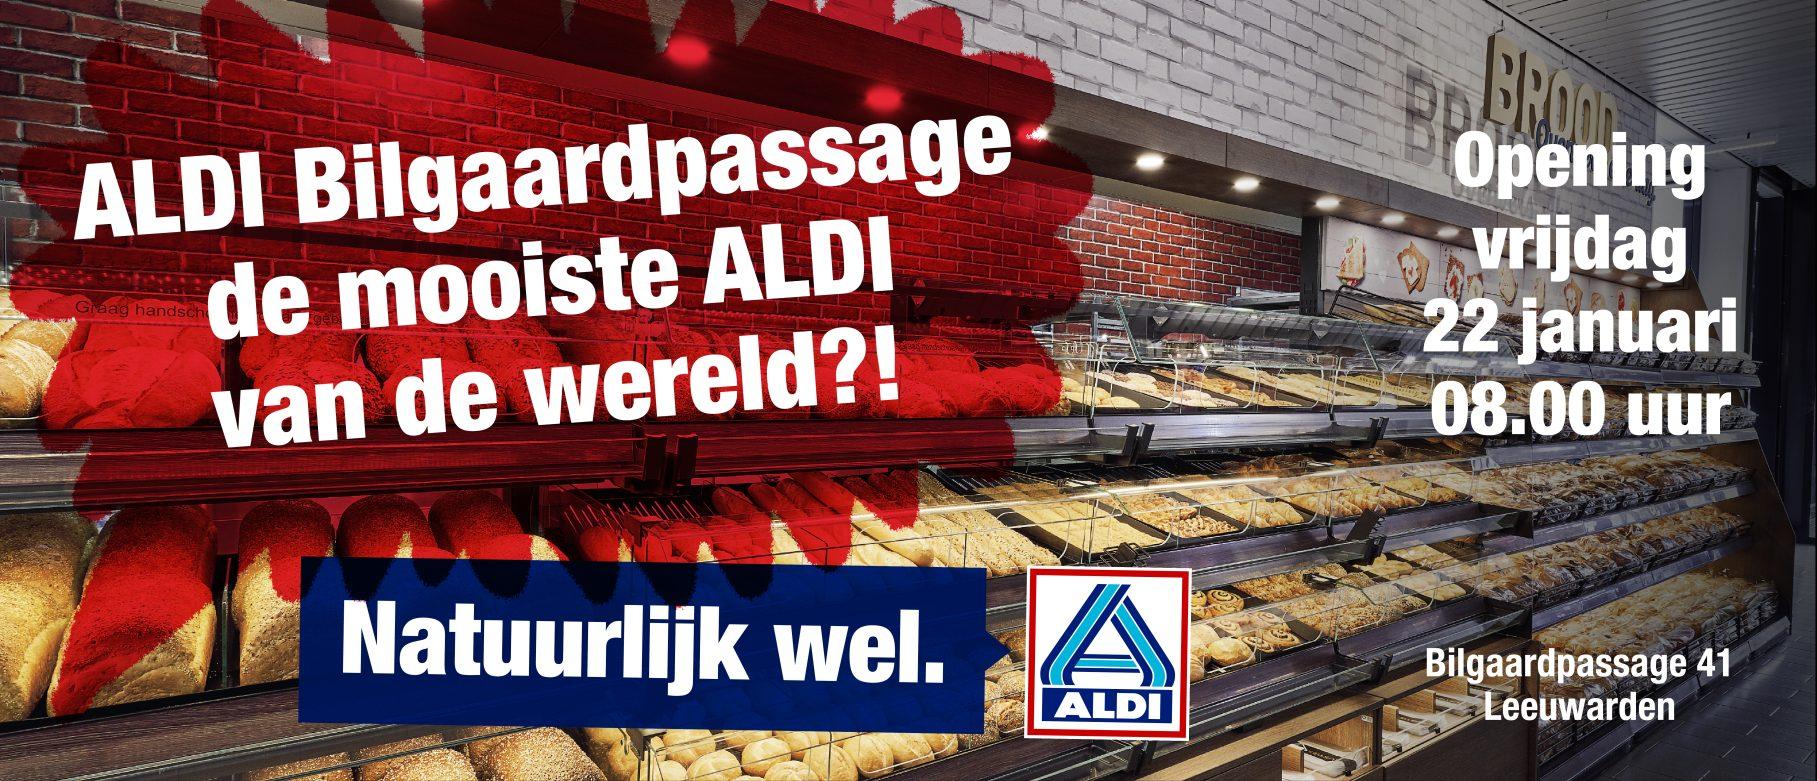 [Lokaal] Nieuwe opening, vanaf vrijdag een appeltaart voor €1,50 bij Aldi Bilgaardpassage in Leeuwarden